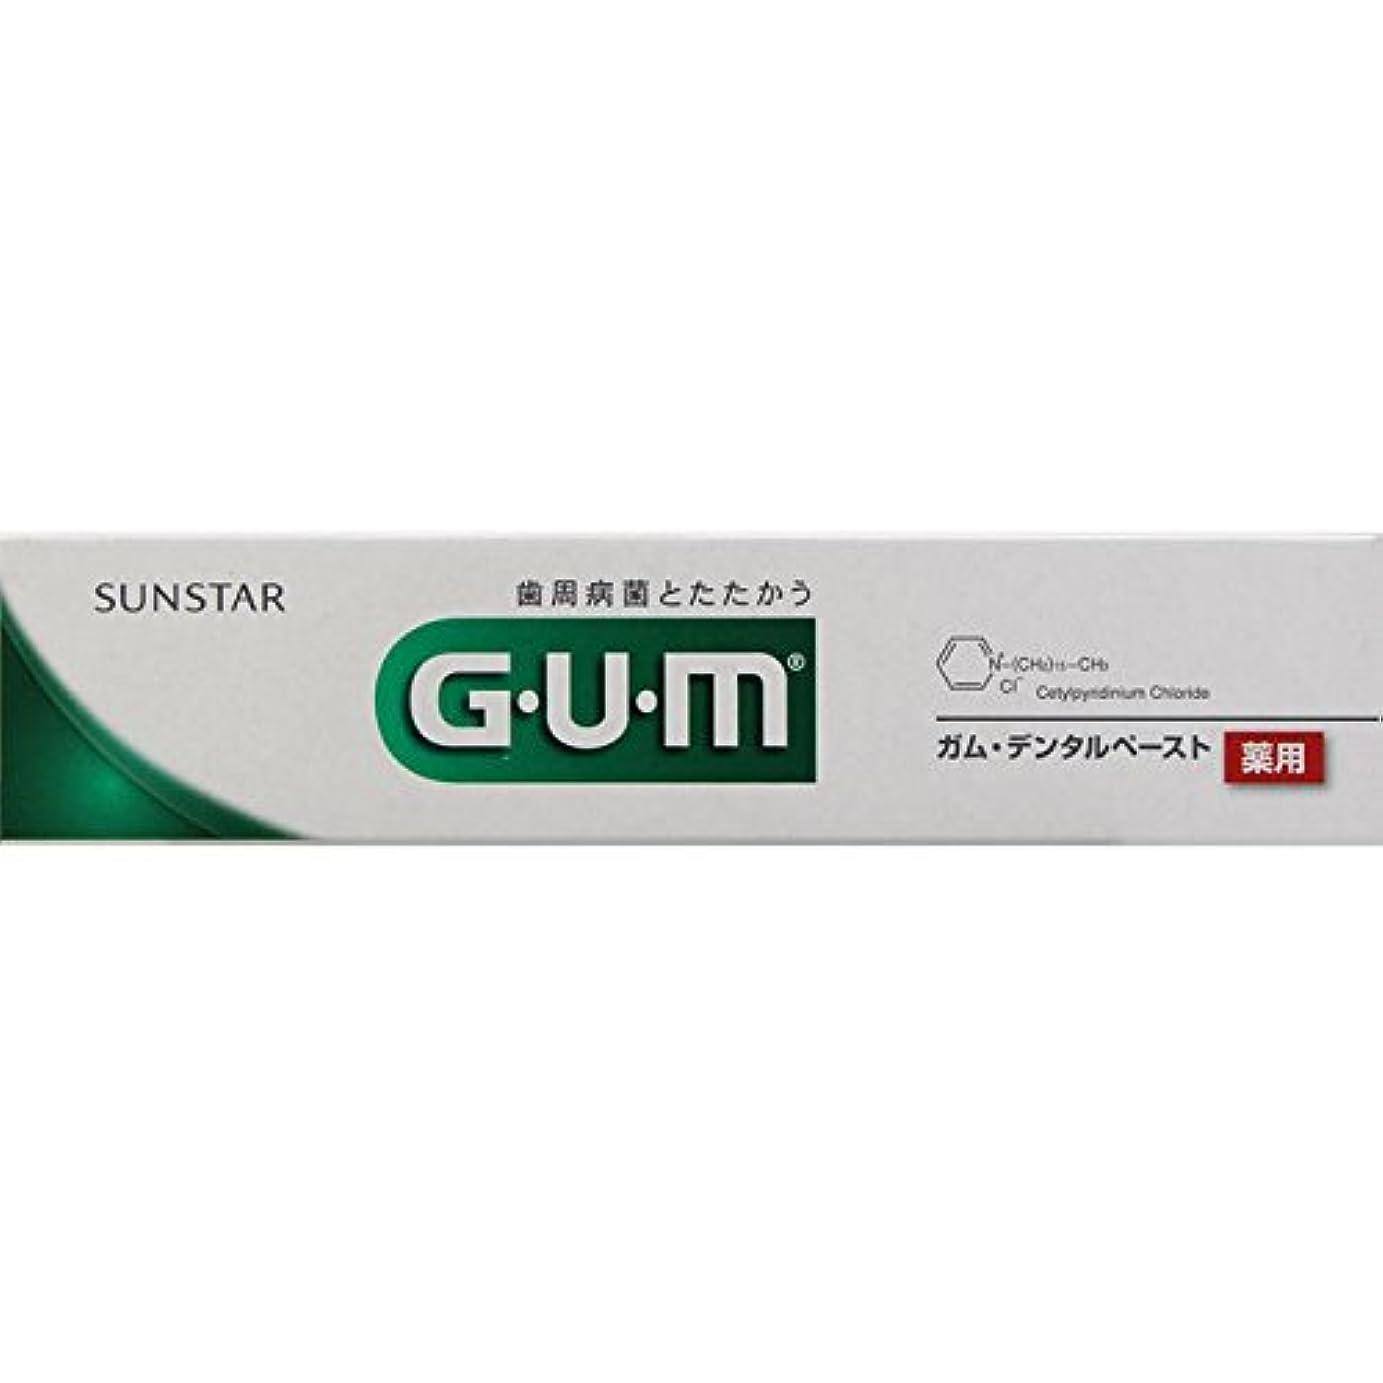 何積極的に気分が良いサンスター G?U?M(ガム)デンタルペースト 35g